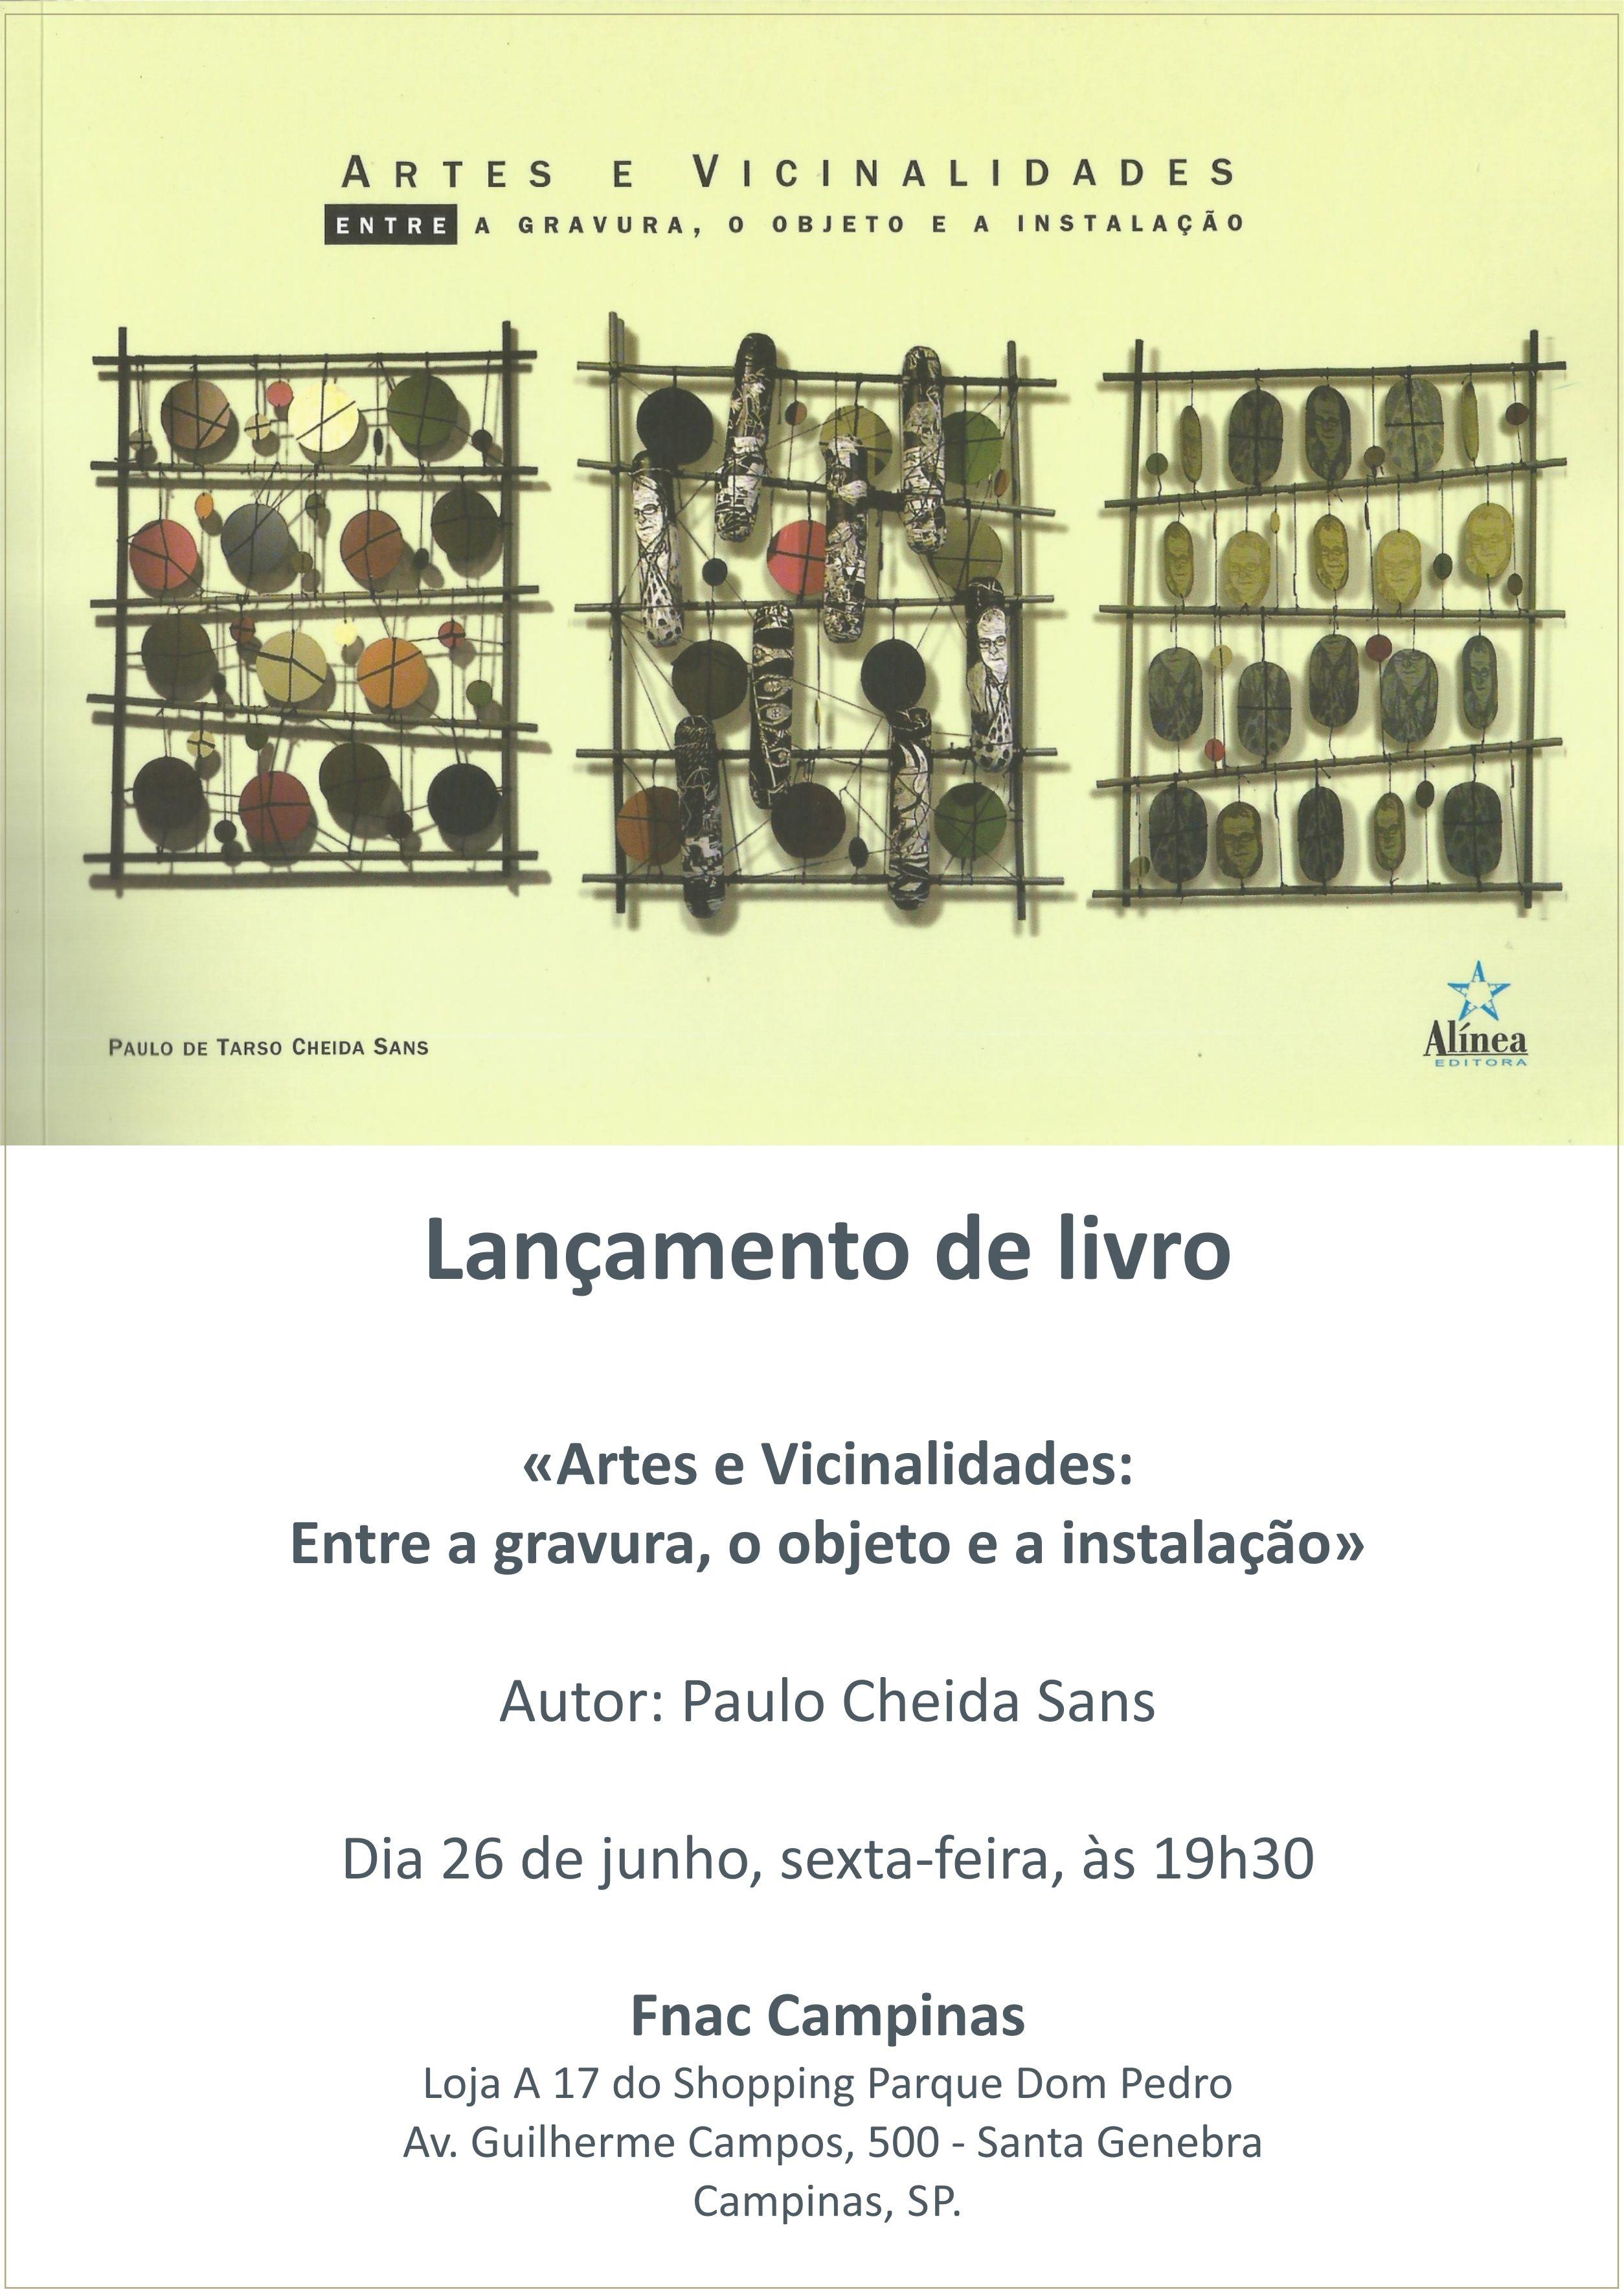 convite fnac campinas shopping parque d pedro paulo cheida sans lançamento livro artes e vicinalidades